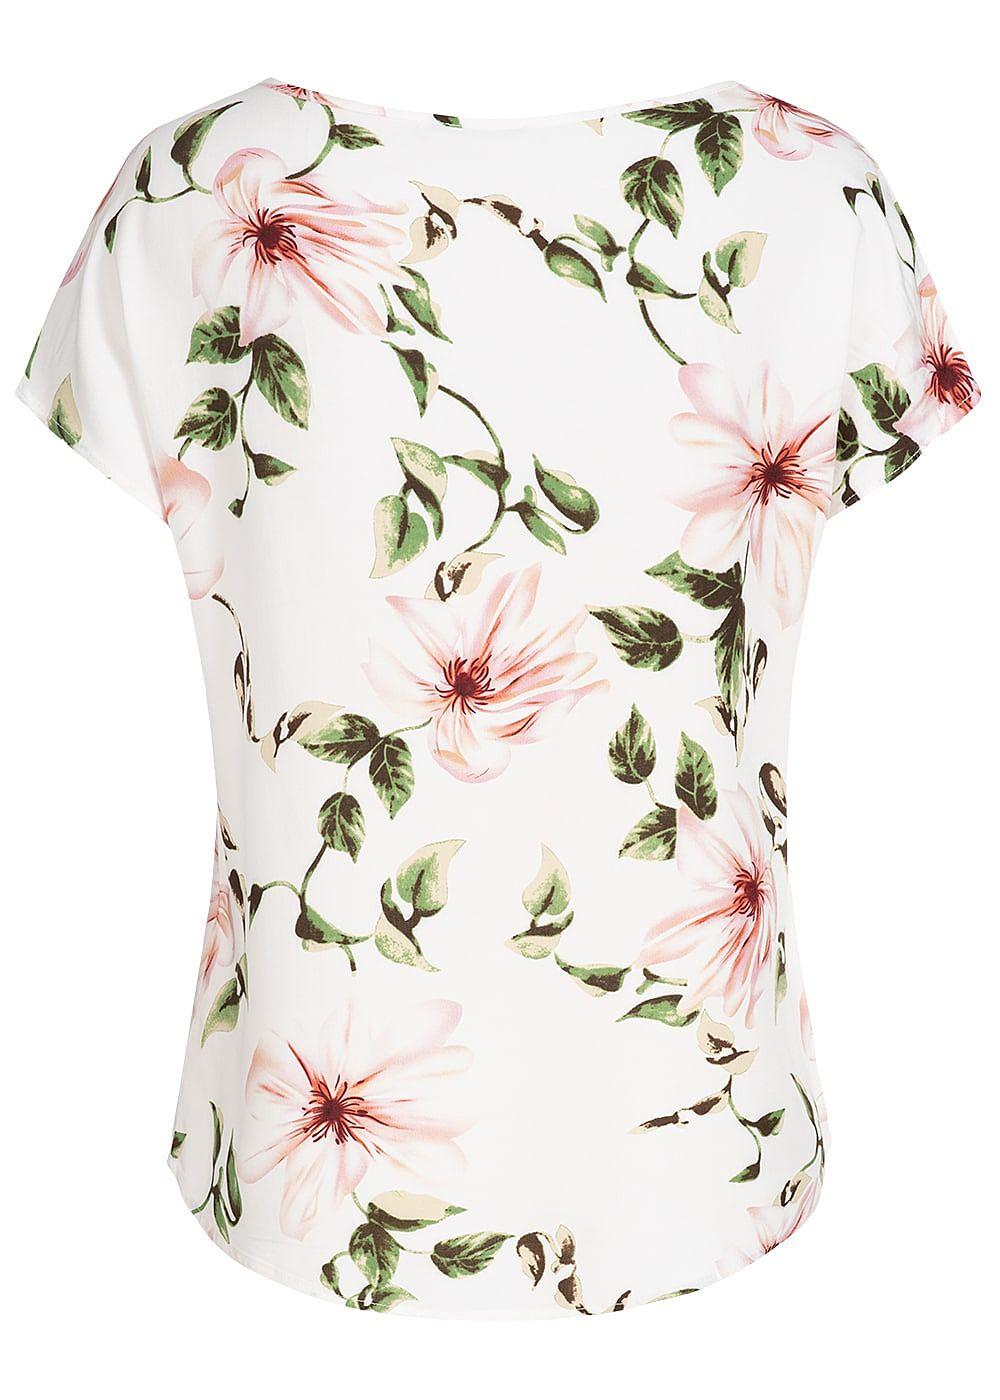 962565a92ca4a7 Seventyseven Lifestyle Damen Blusen Shirt Blumen Print off weiss grün rosa